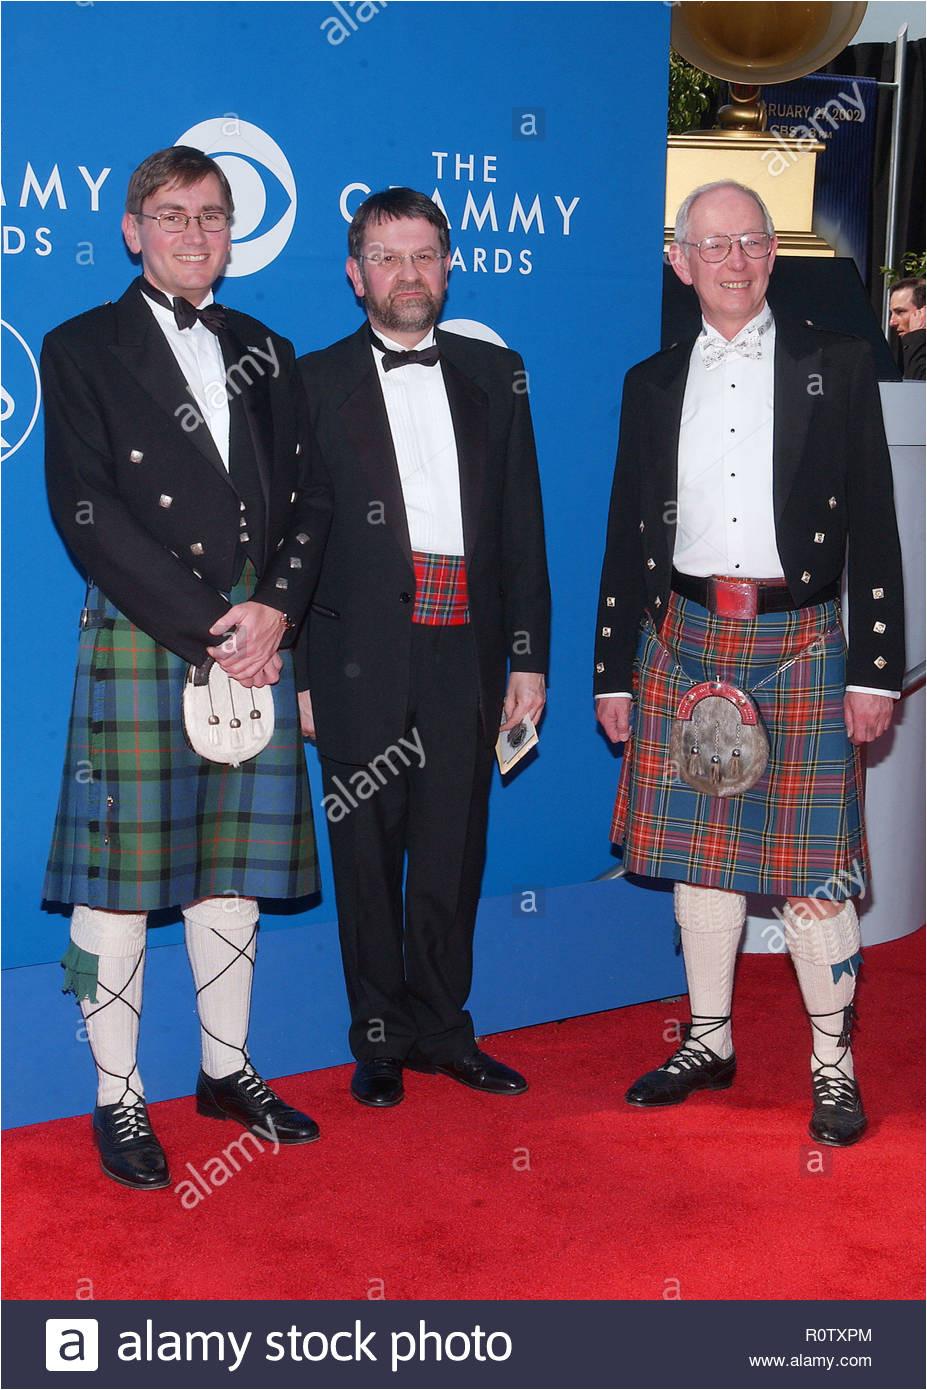 44 jahrlichen grammy awards anreise bbcscottishsymphorch 01 jpgbbcscottishsymphorch 01 veranstaltung in hollywood